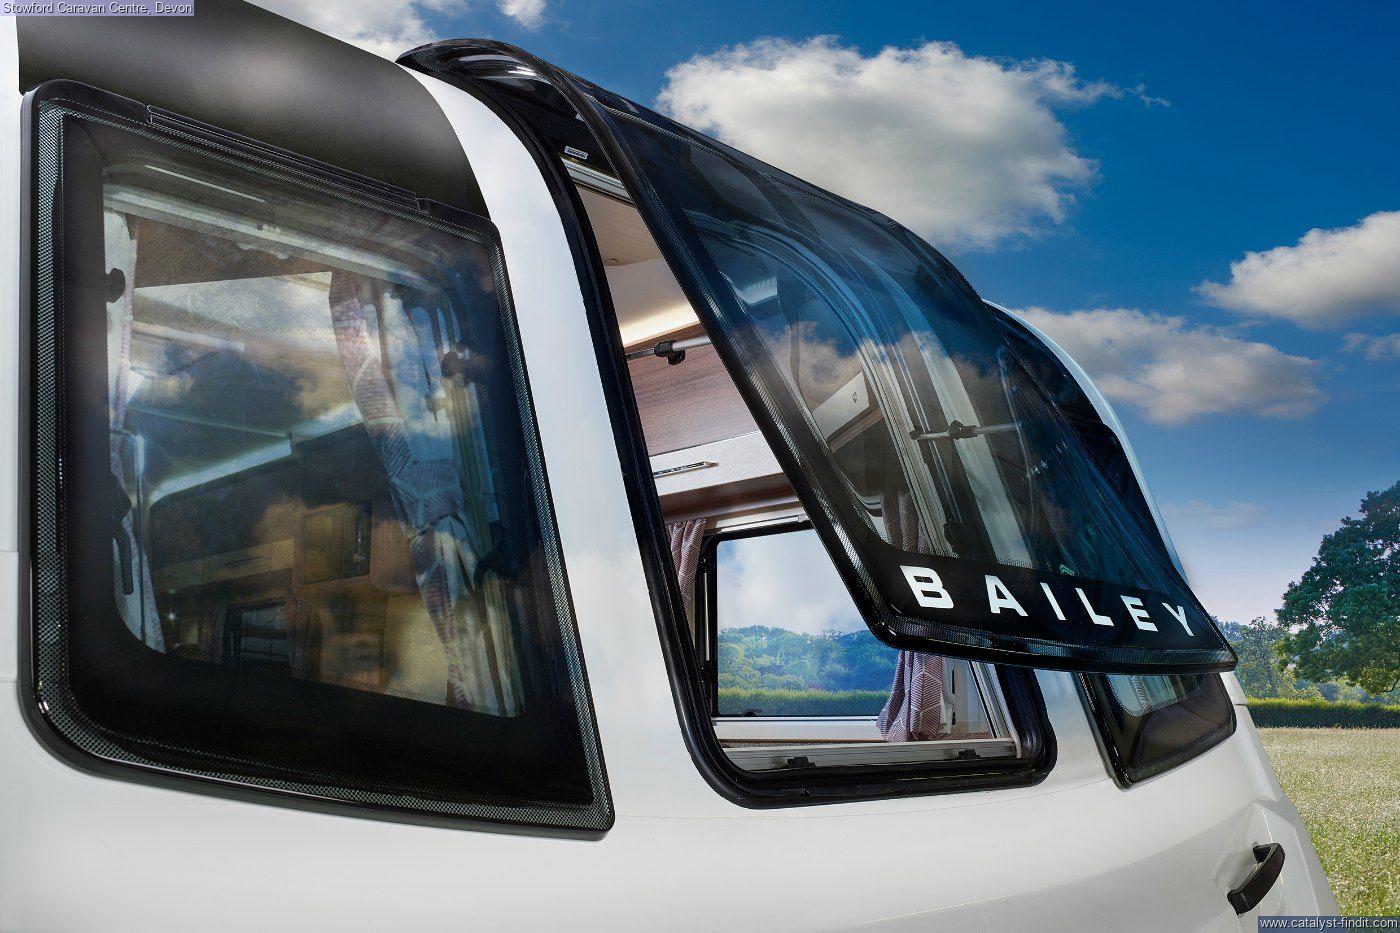 Bailey Pegasus Grande Turin 2020